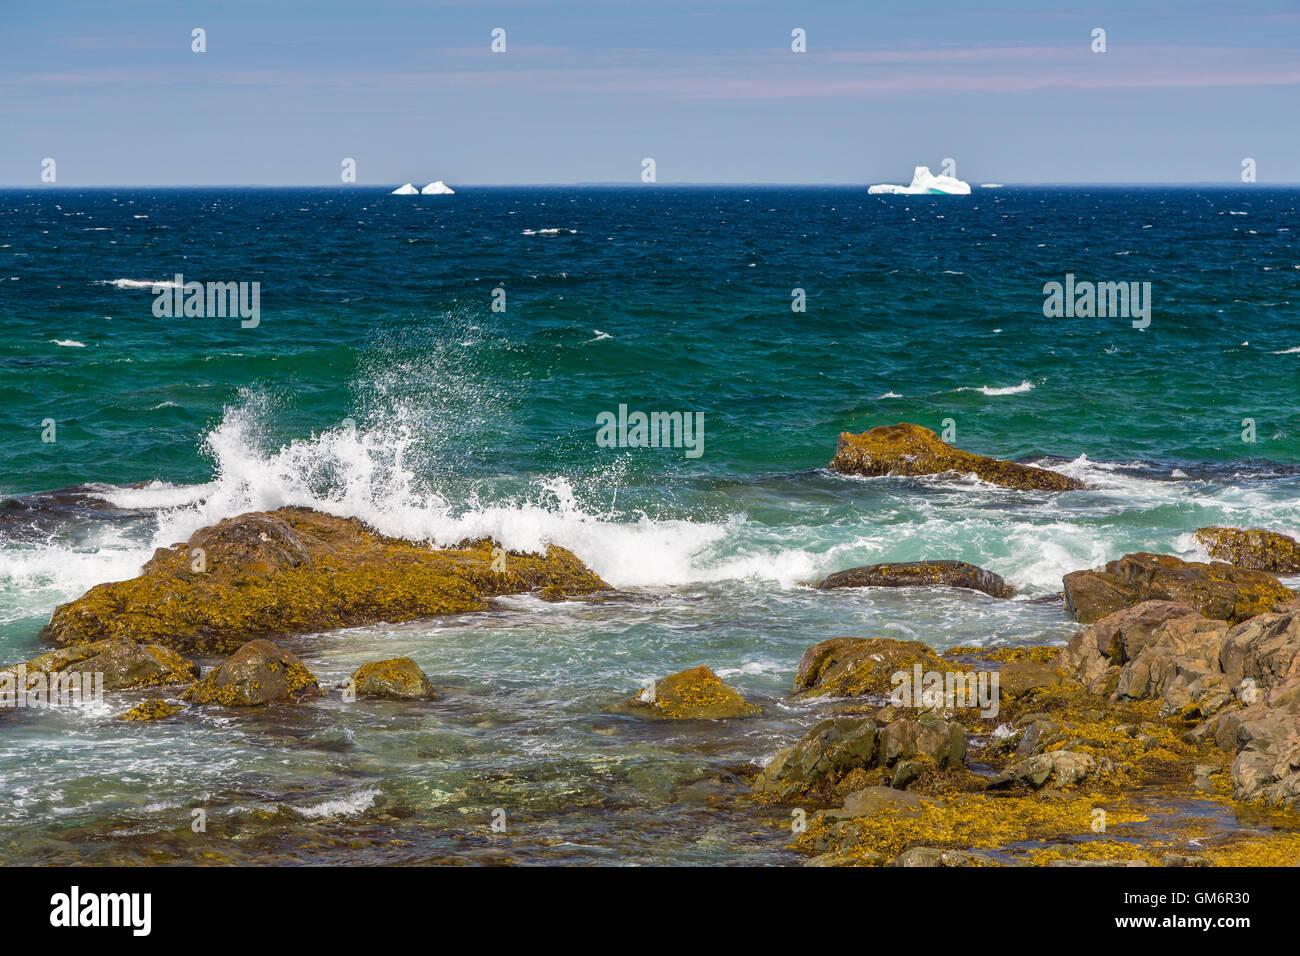 The rugged Cape Bonavista coastline at Bonavista, Newfoundland and Labrador, Canada. - Stock Image